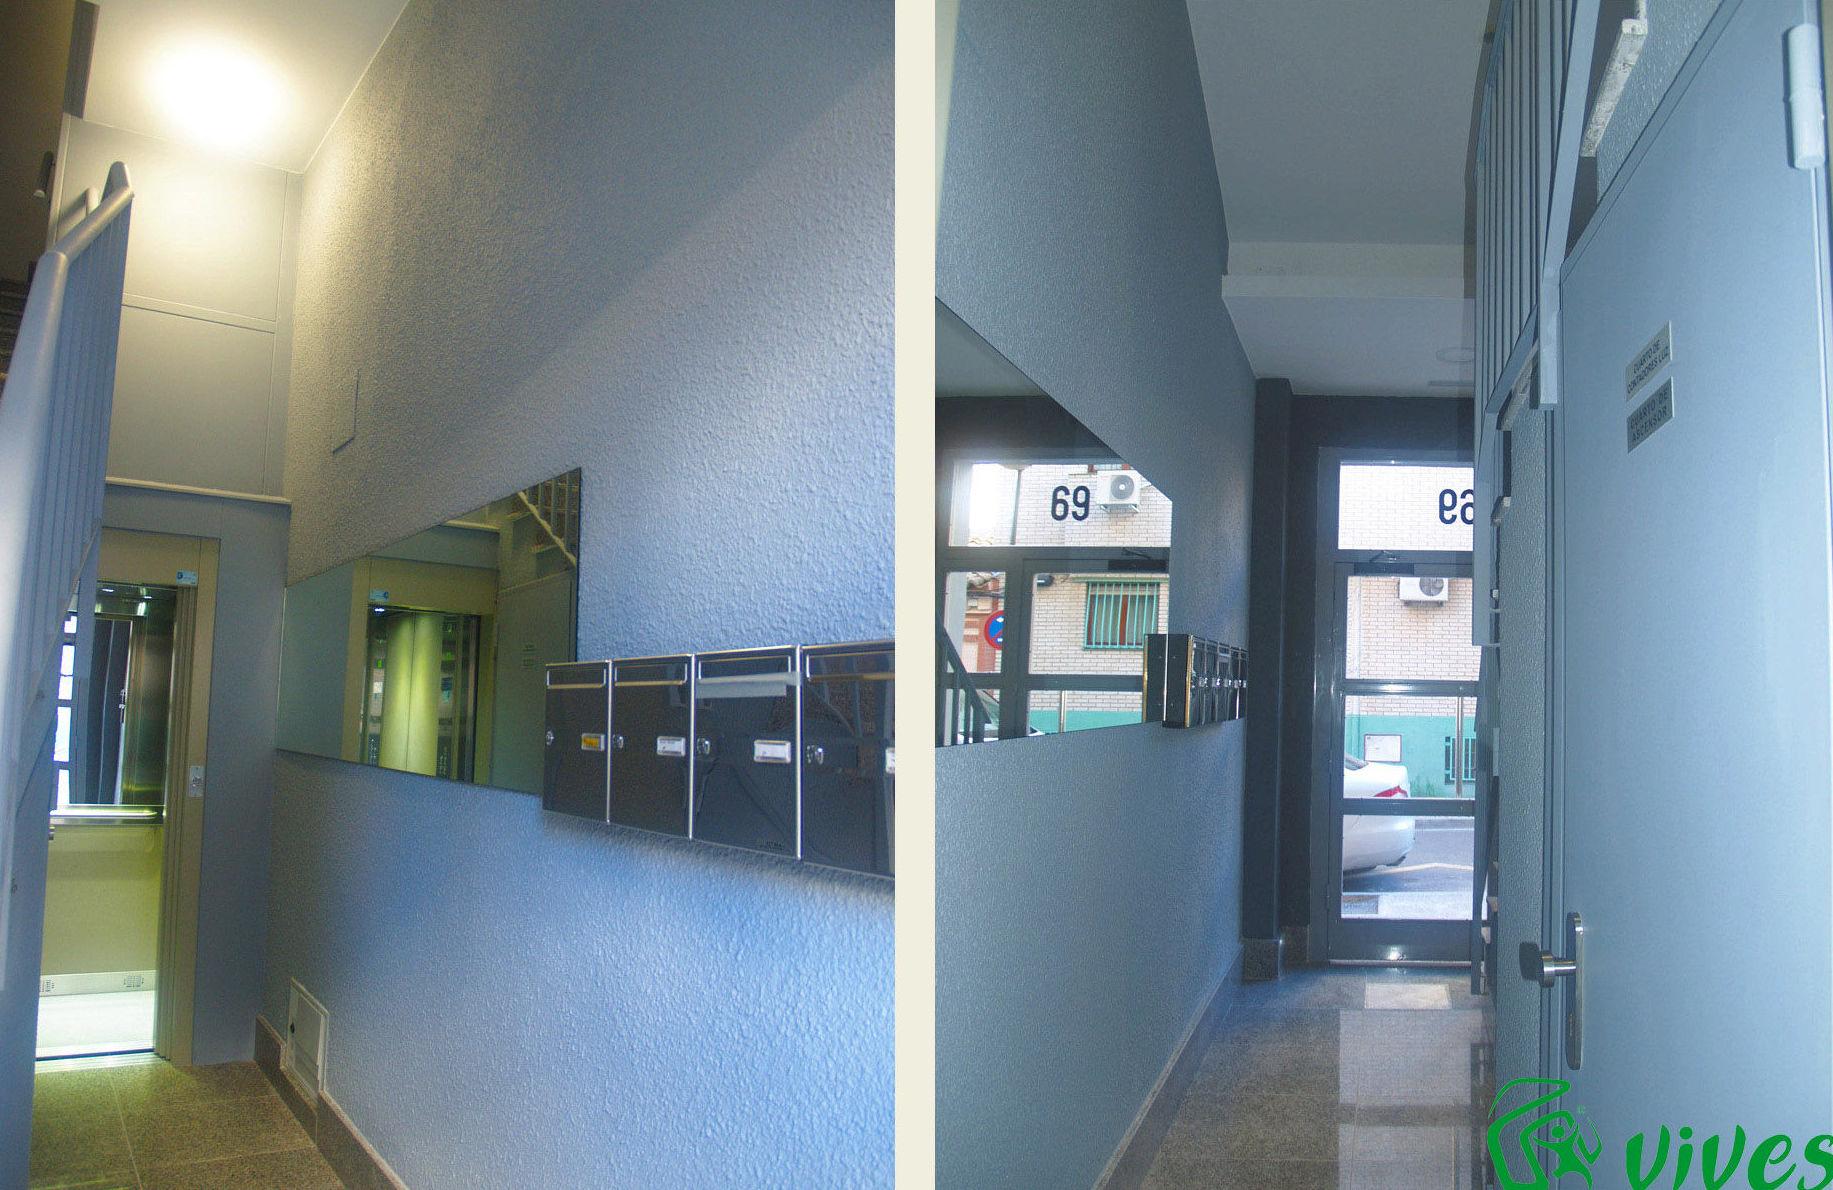 Instalación de ascensor en C/ Checa nº 69